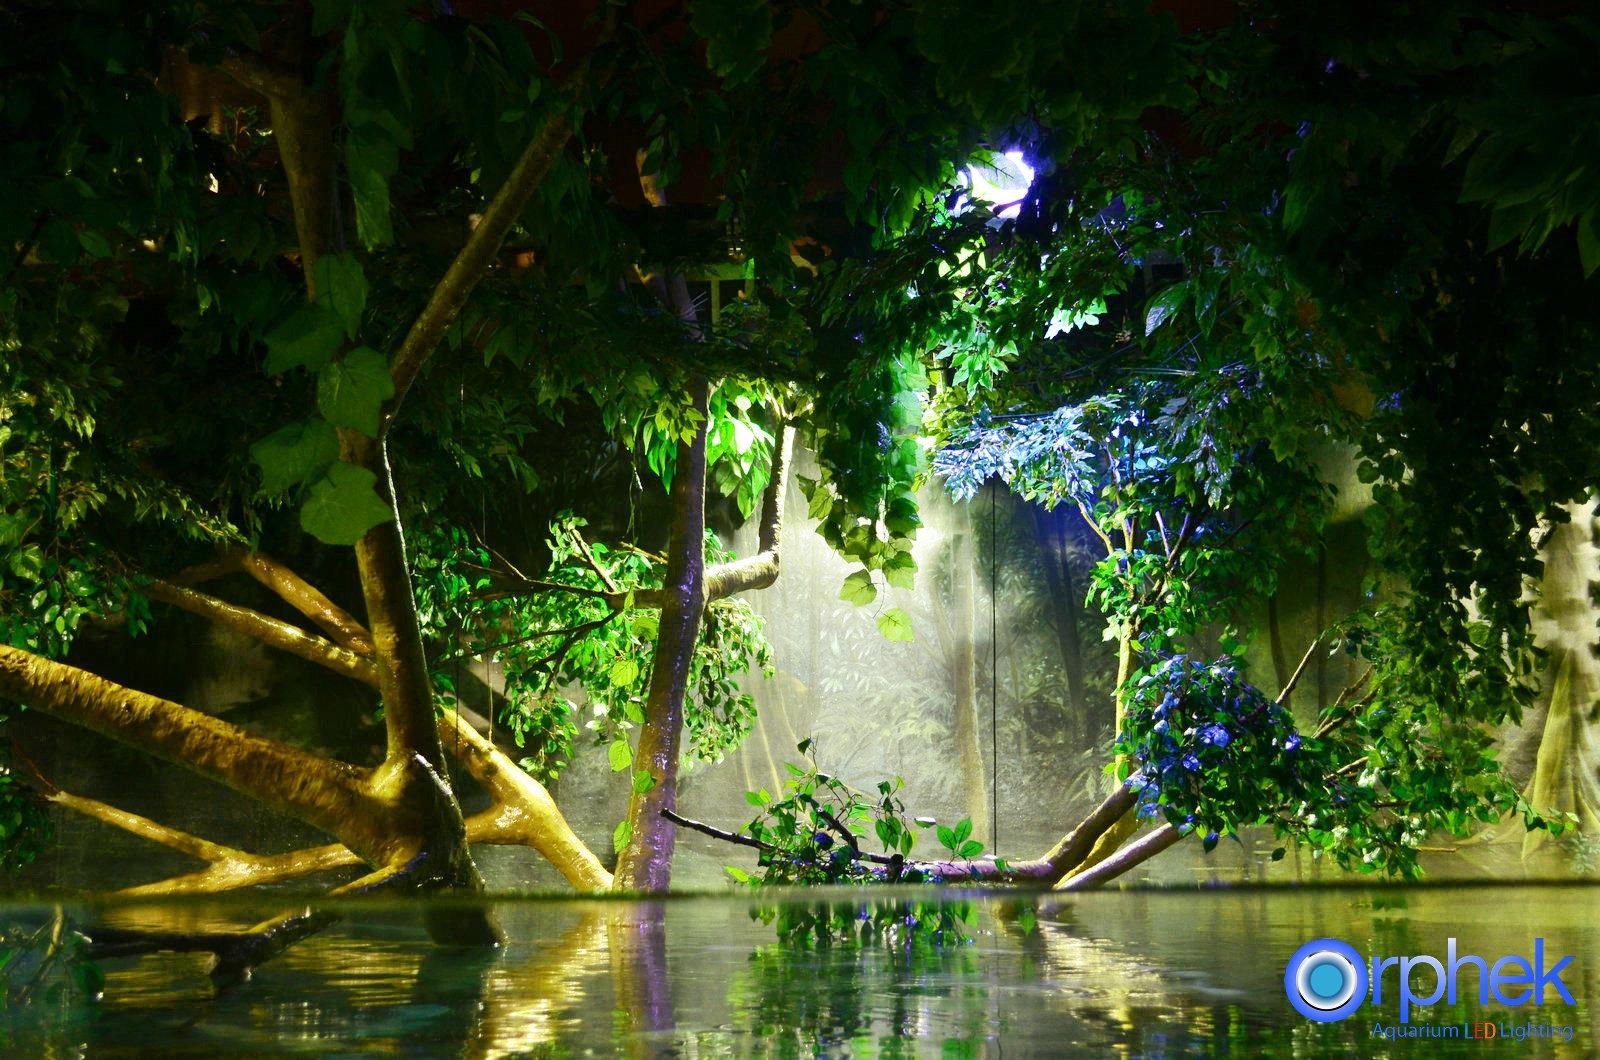 Regnskov offentlige akvarium